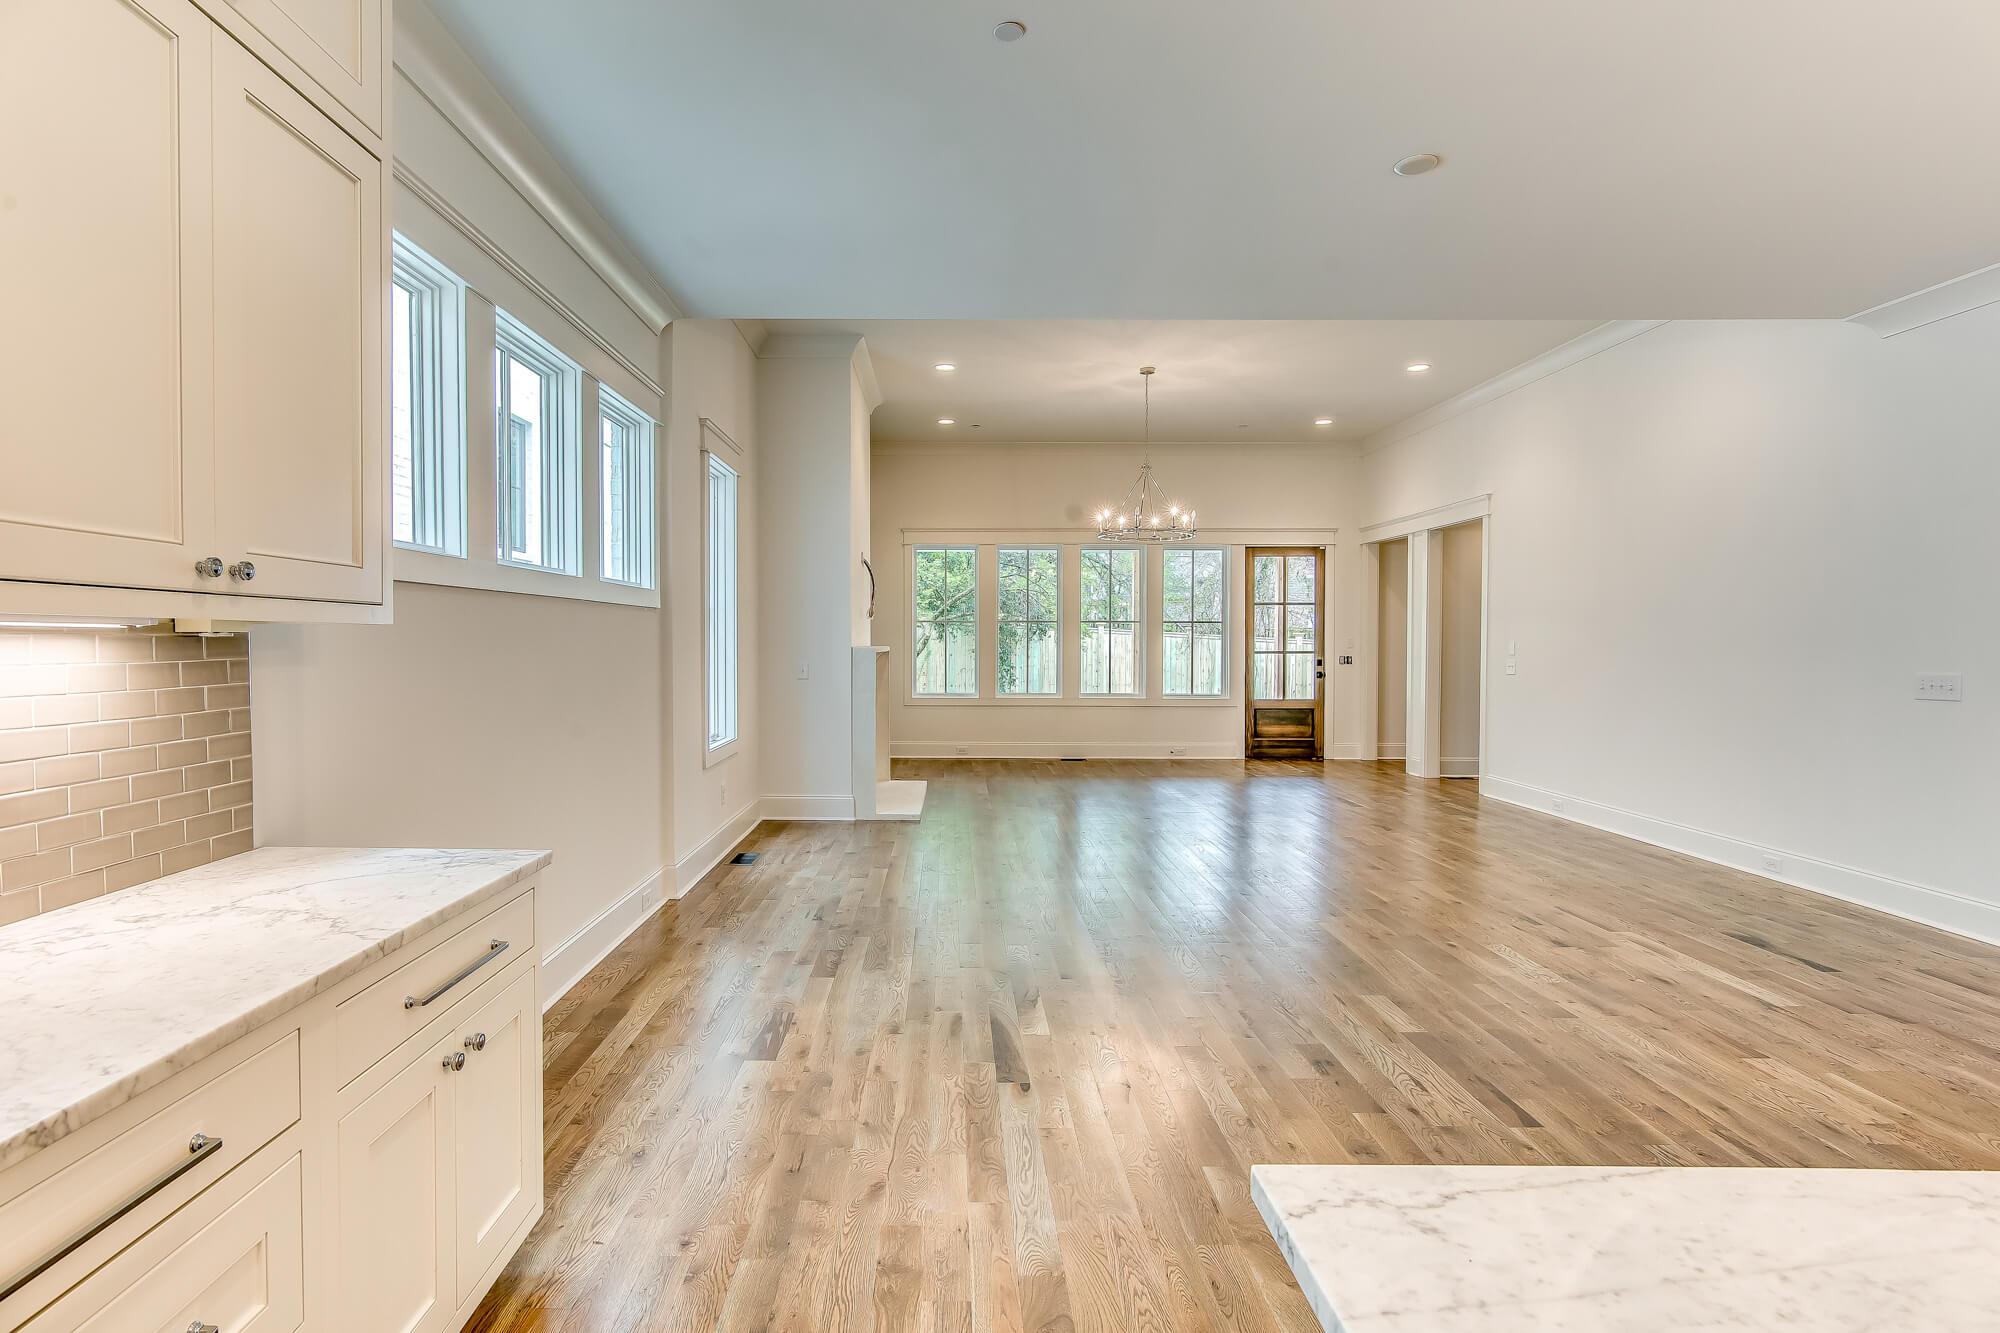 chandelier-development-nashville-tennessee-home-builder--25.jpg